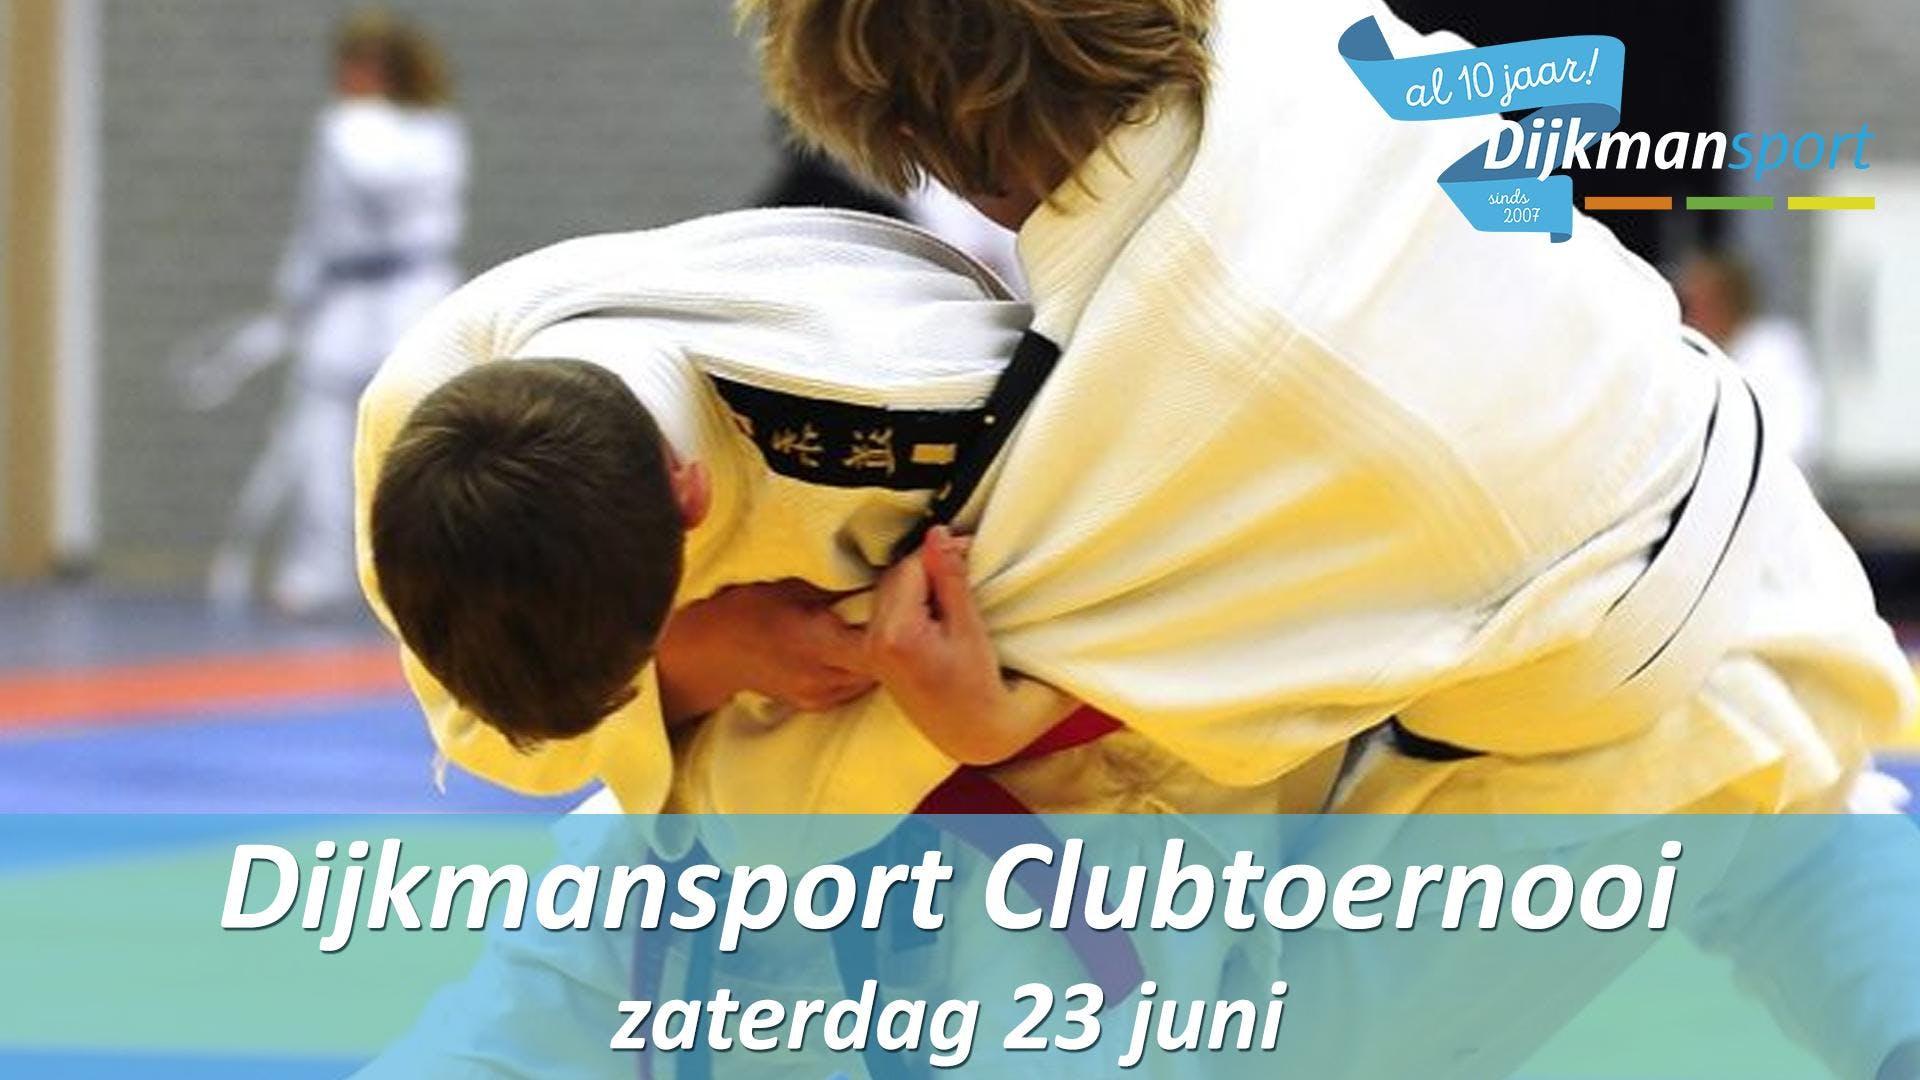 Dijkmansport clubtoernooi: Sportcentrum 23 ju